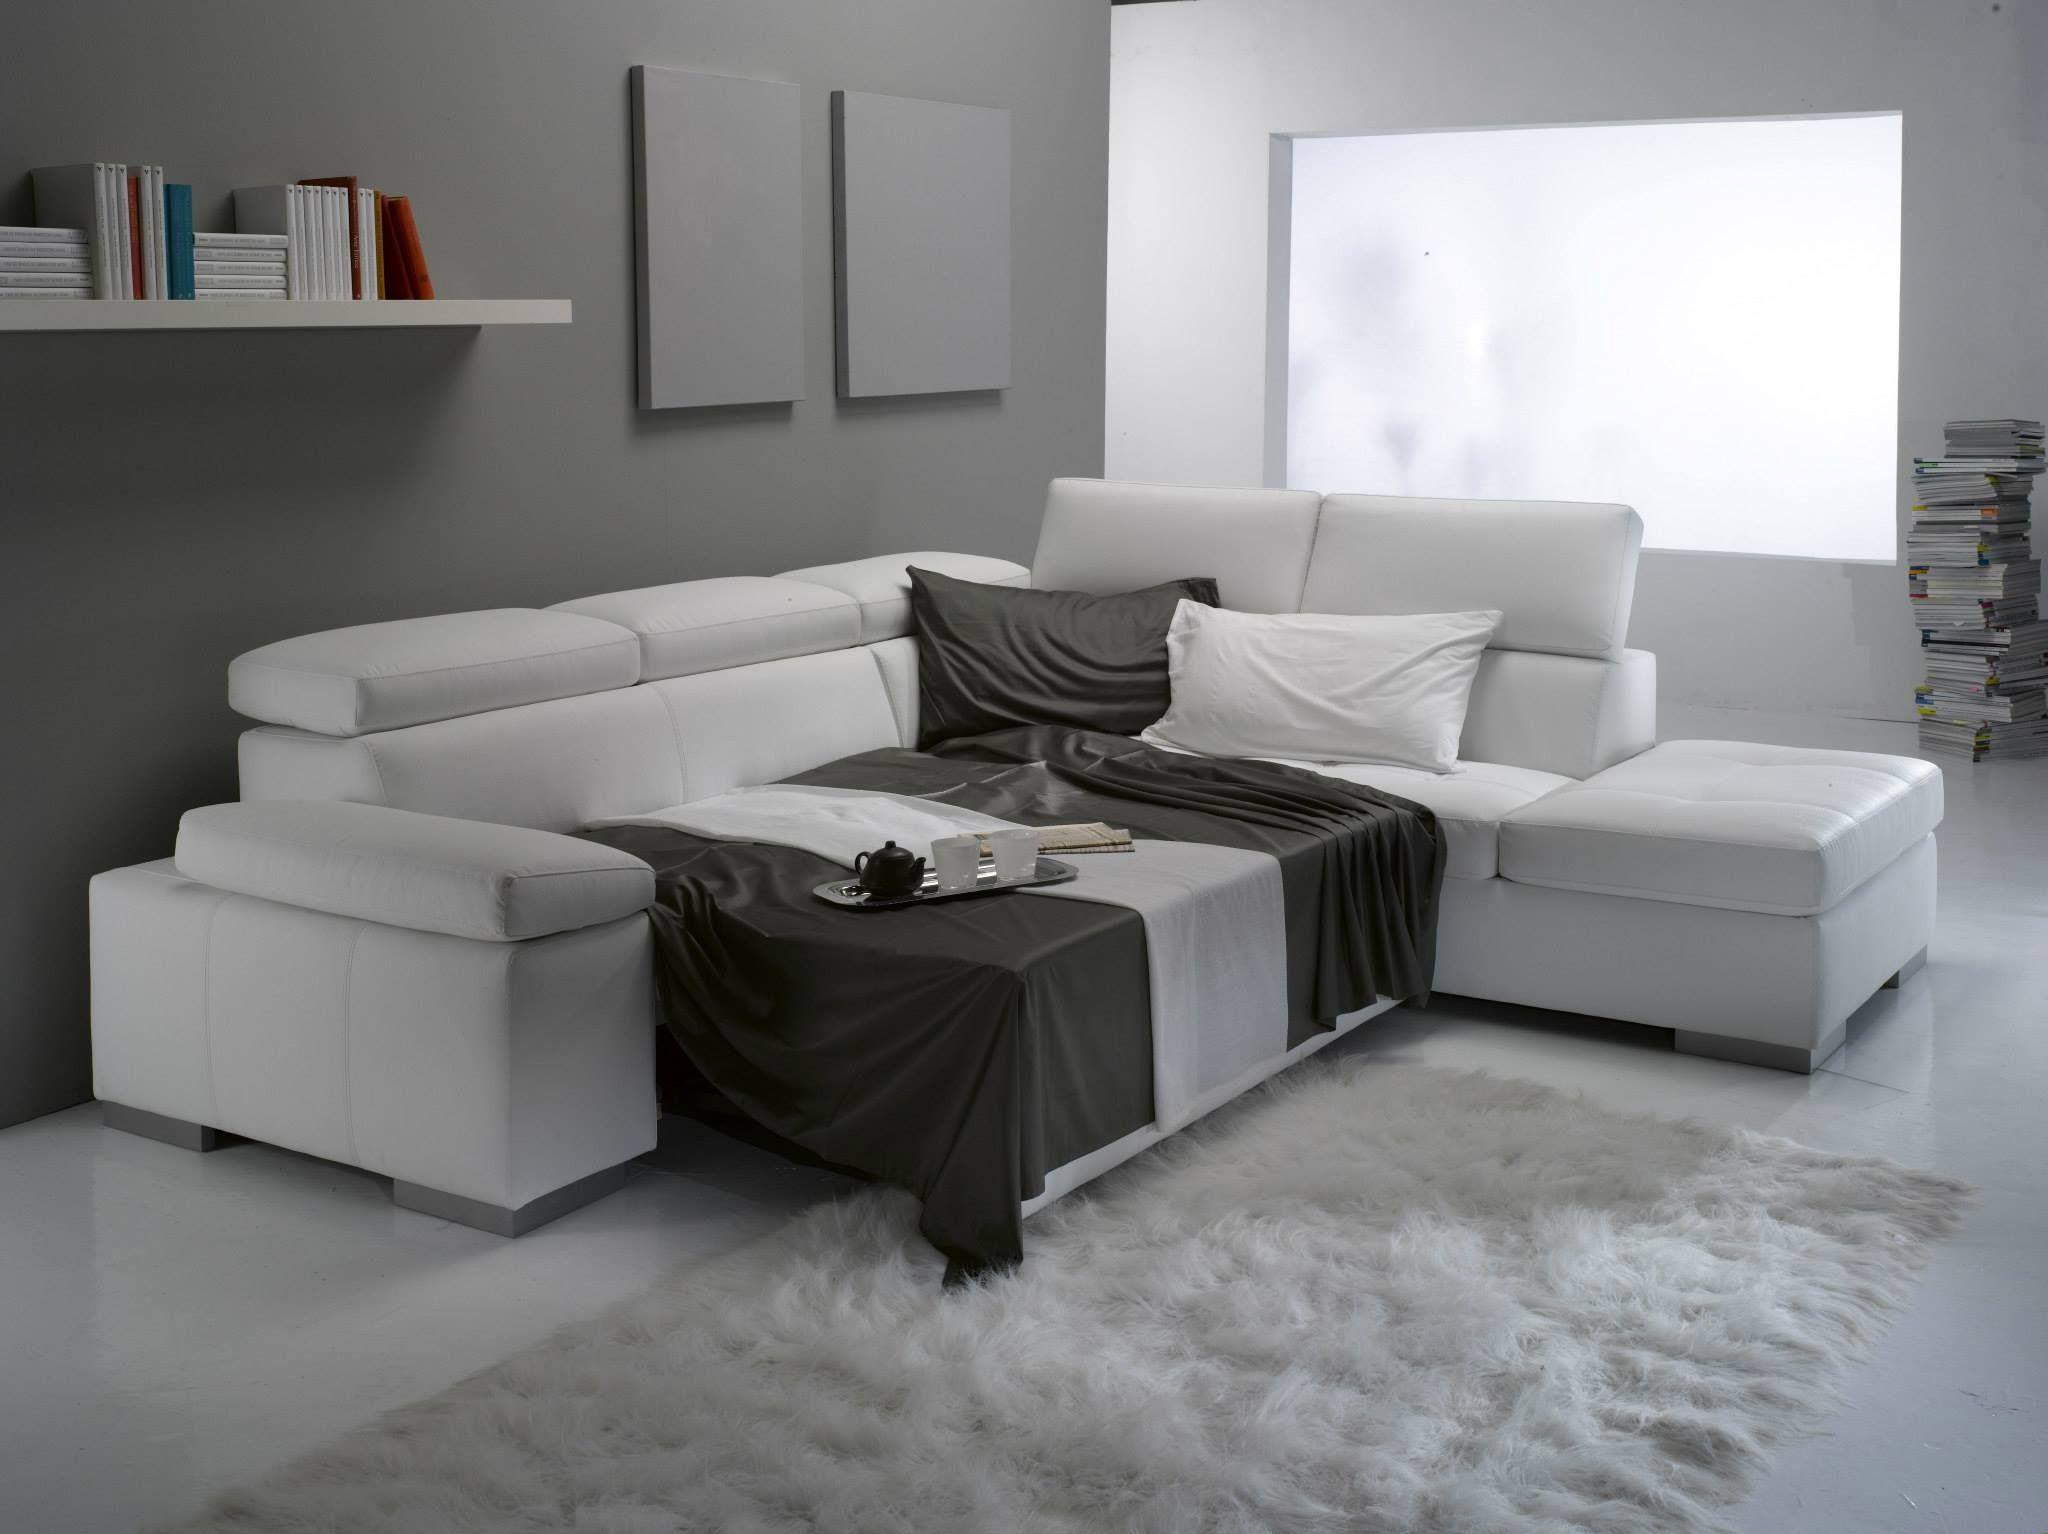 Versione Full Optional del divano Musa Classic prende stereo